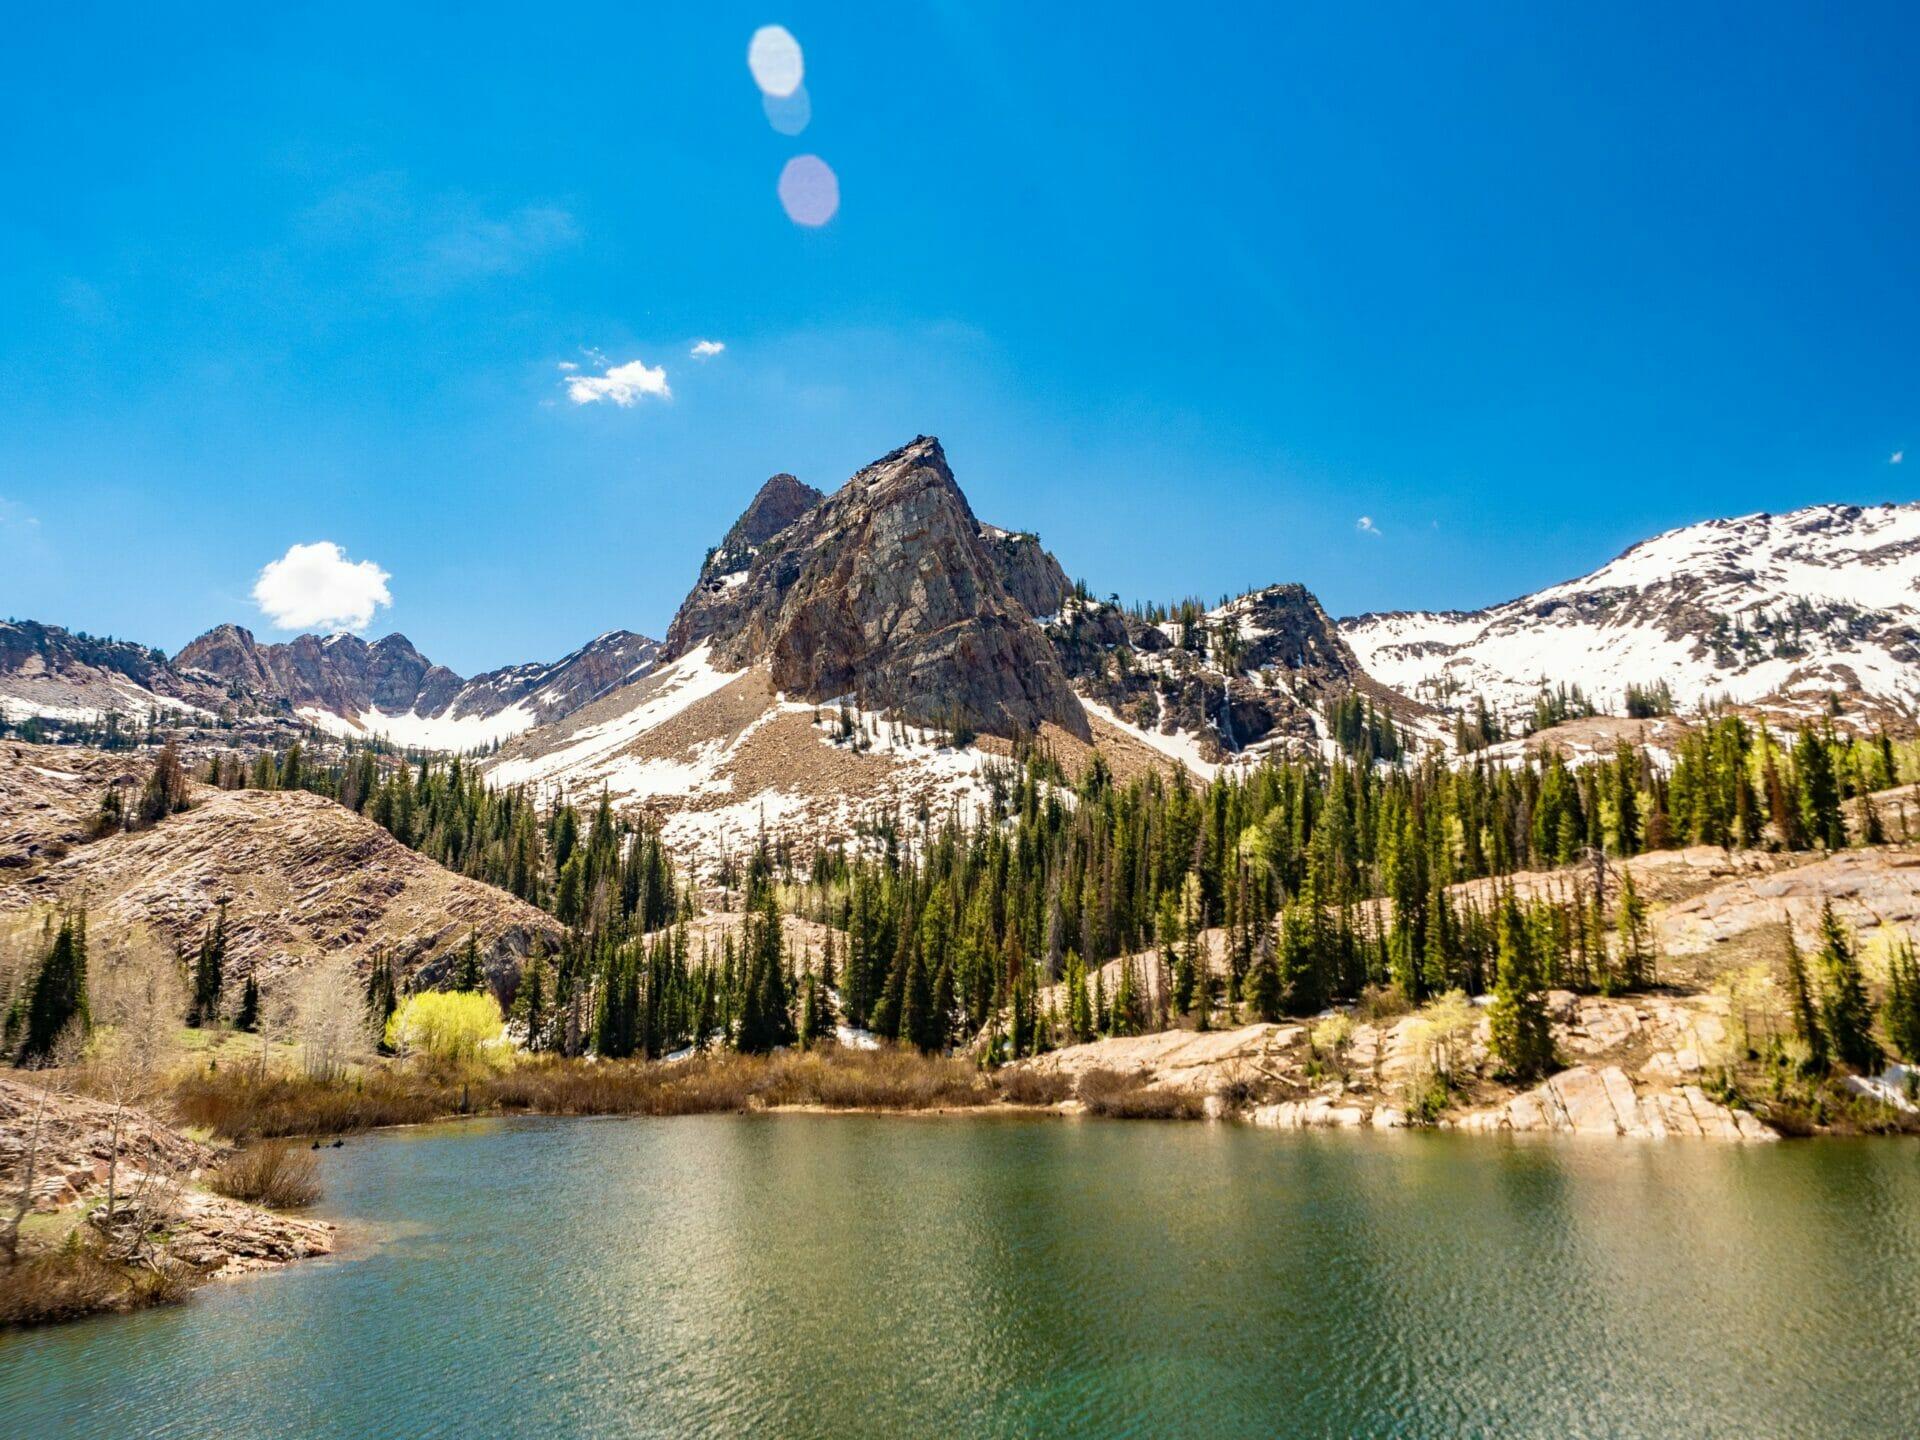 Lake Blanche hike moose Salt Lake City Wasatch Mountains